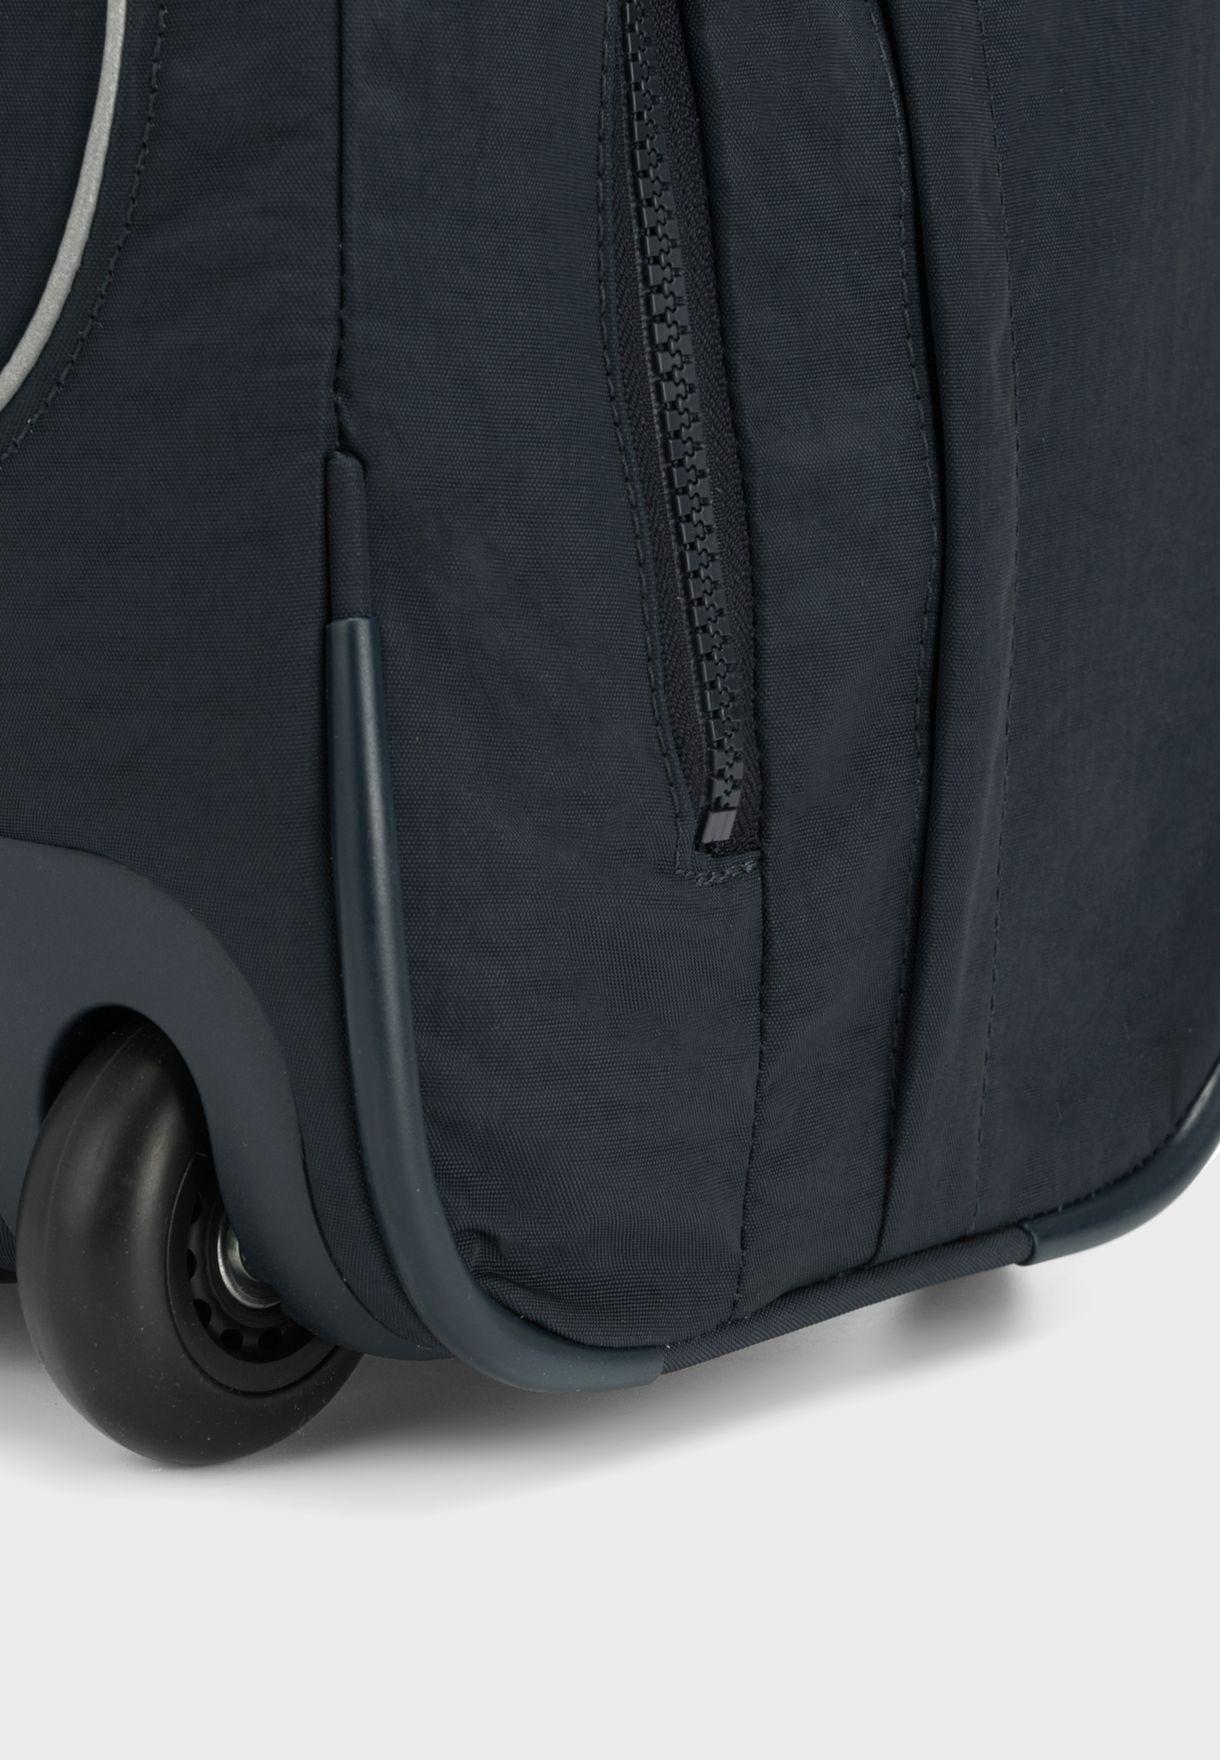 Dallin Wheeled Backpack